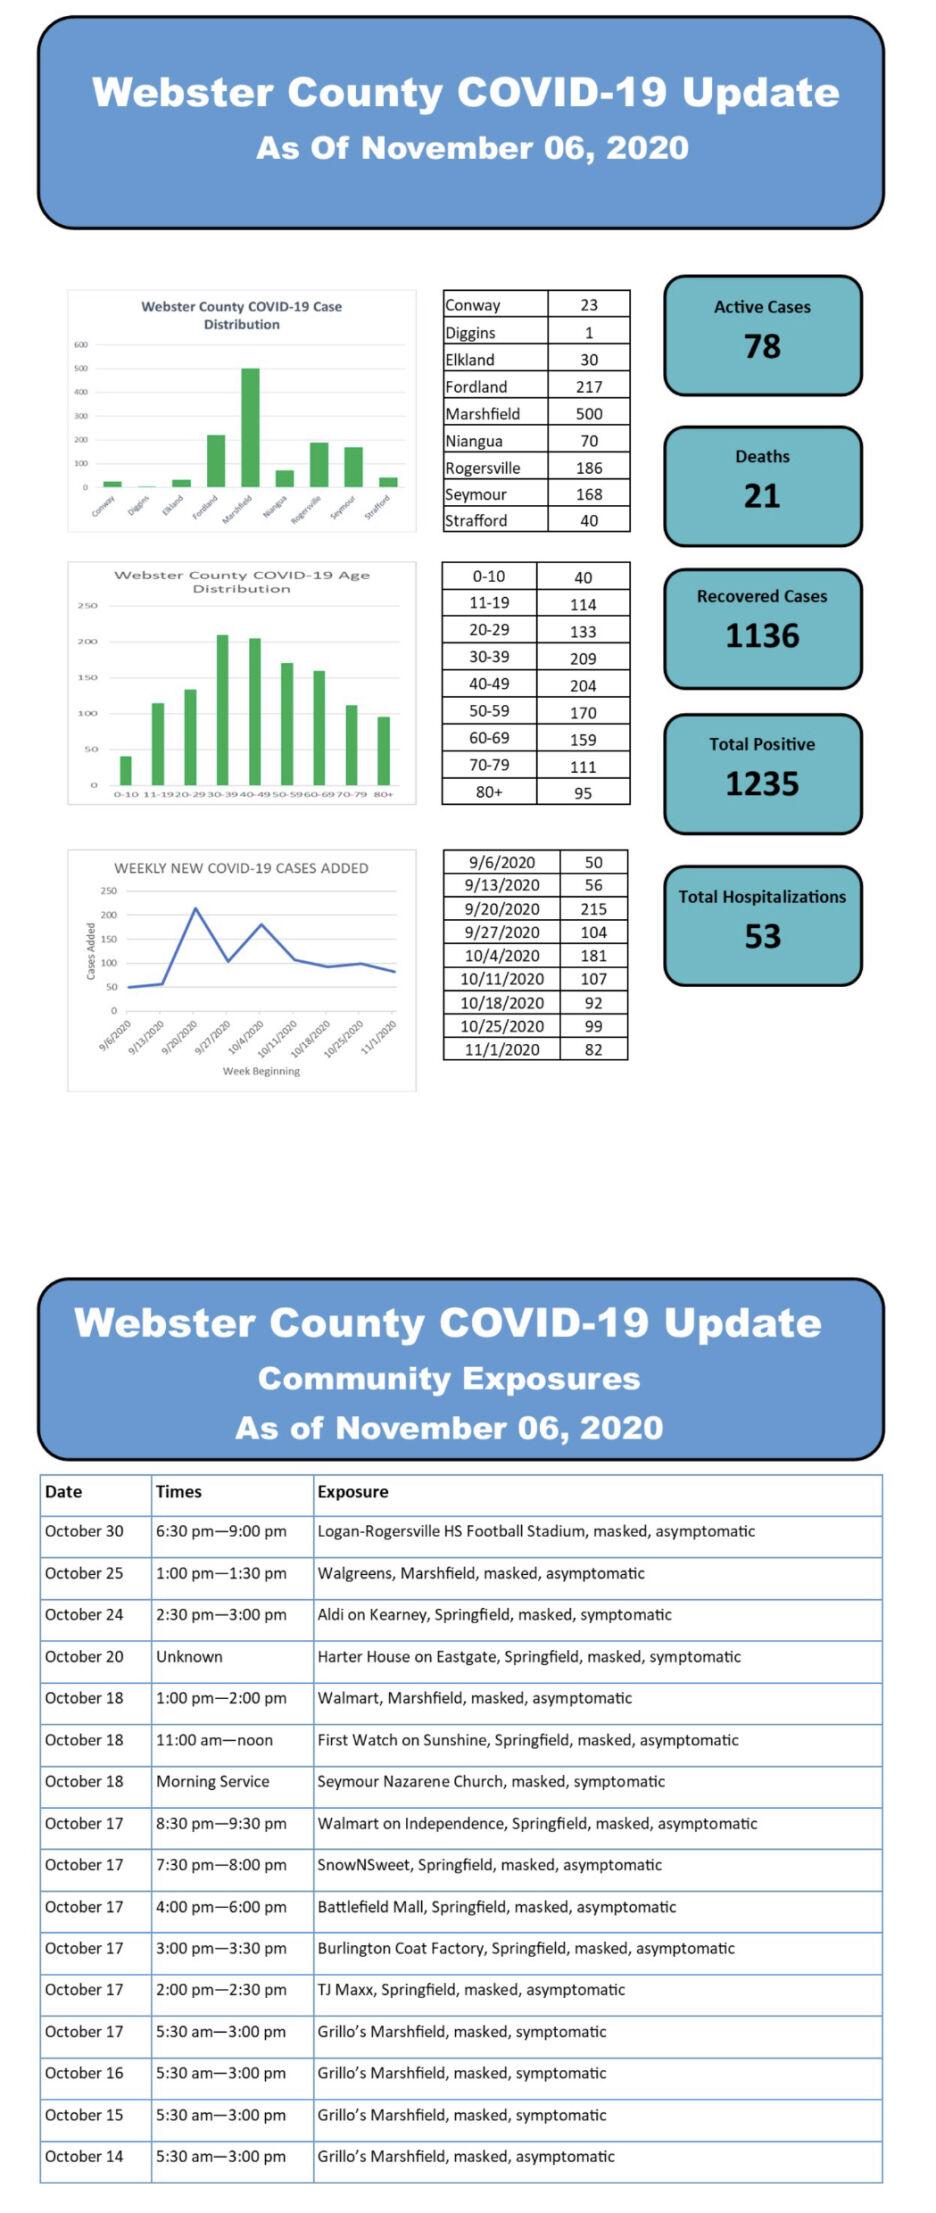 - COVID-19 cases Nov. 6 Web. Co.